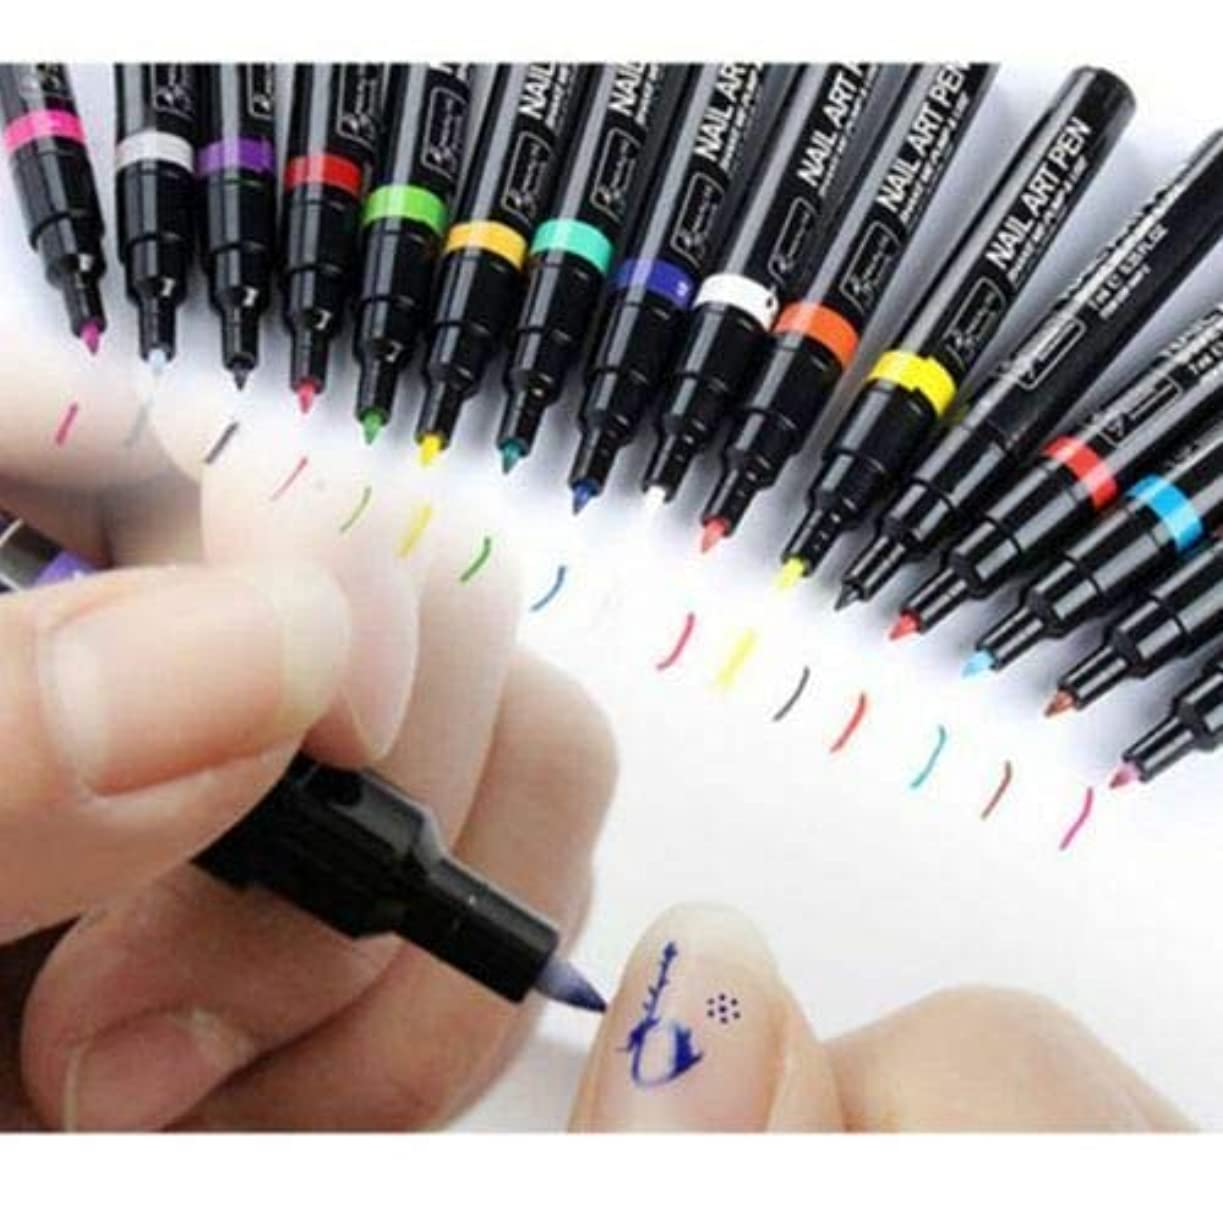 偽装する手術アラスカFidgetGear 16色ネイルアートペン絵画デザインツールデッサン用uvジェルポリッシュマニキュア